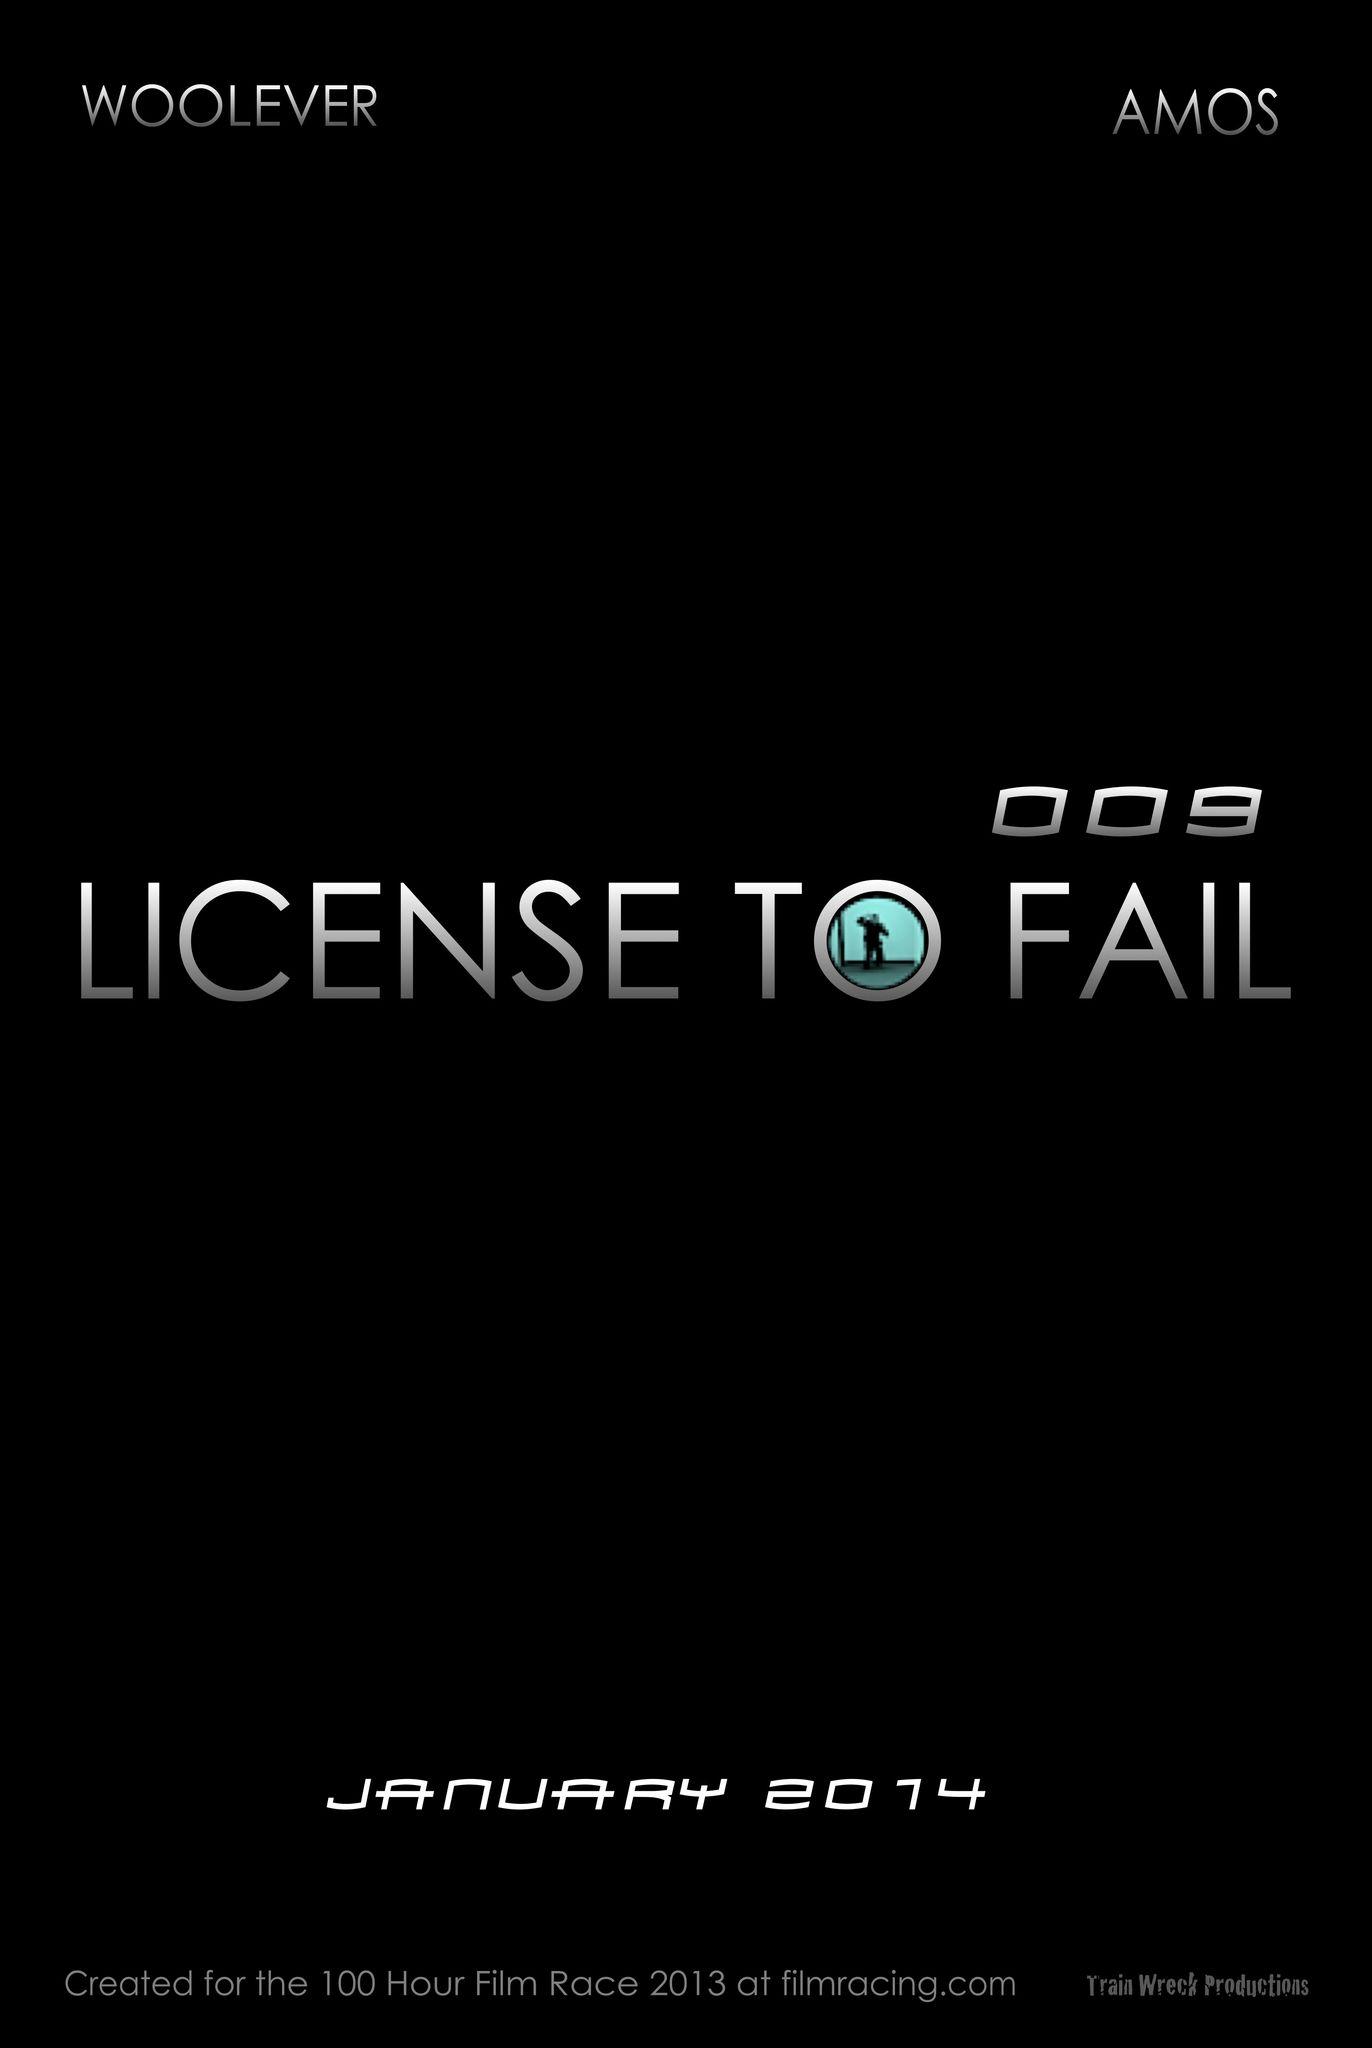 License To Fail